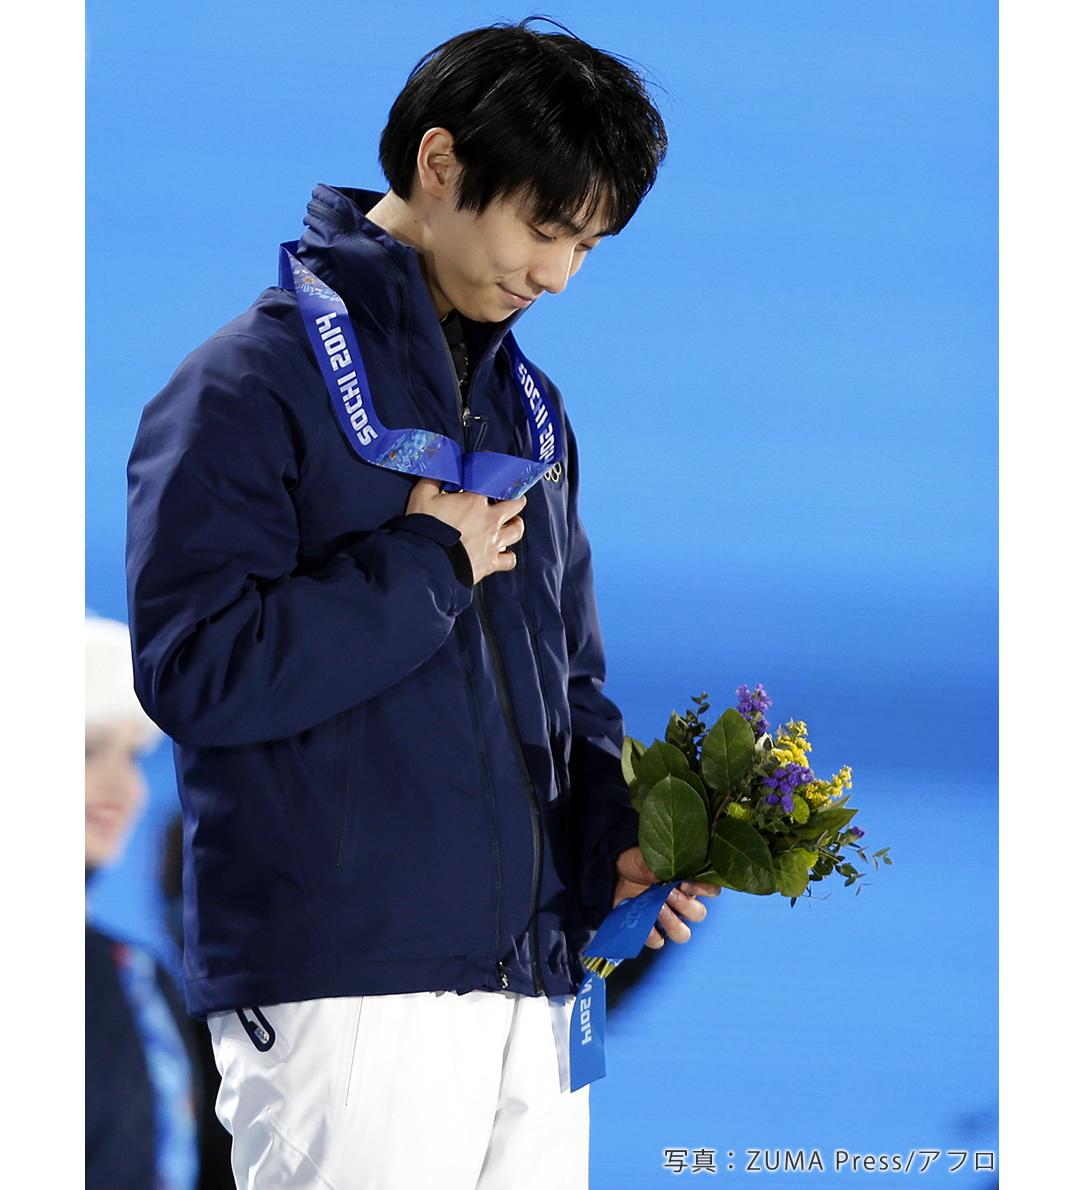 支えてくれた人たちへ感謝するかのように、愛しそうに金メダルを握りしめる羽生結弦選手。